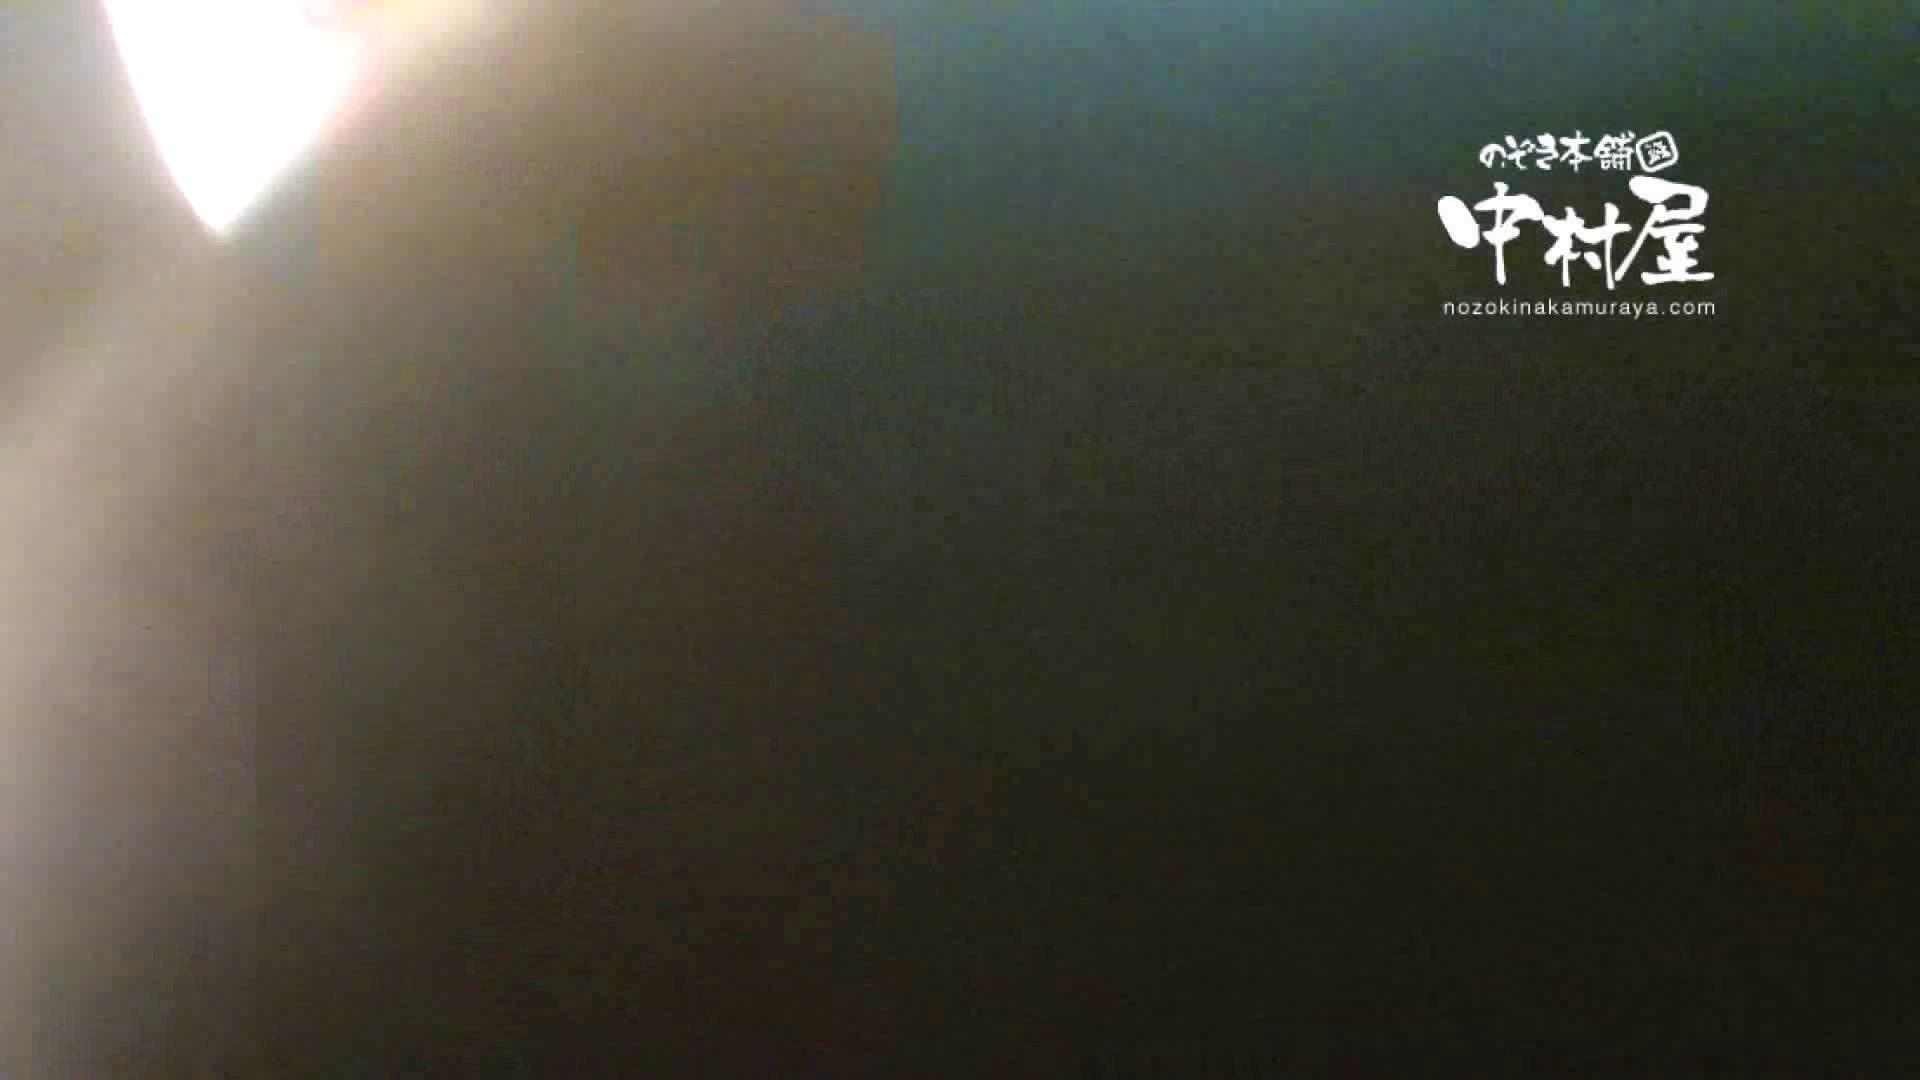 鬼畜 vol.18 居酒屋バイト時代の同僚に中出ししてみる 後編 鬼畜 | 中出し  94連発 31